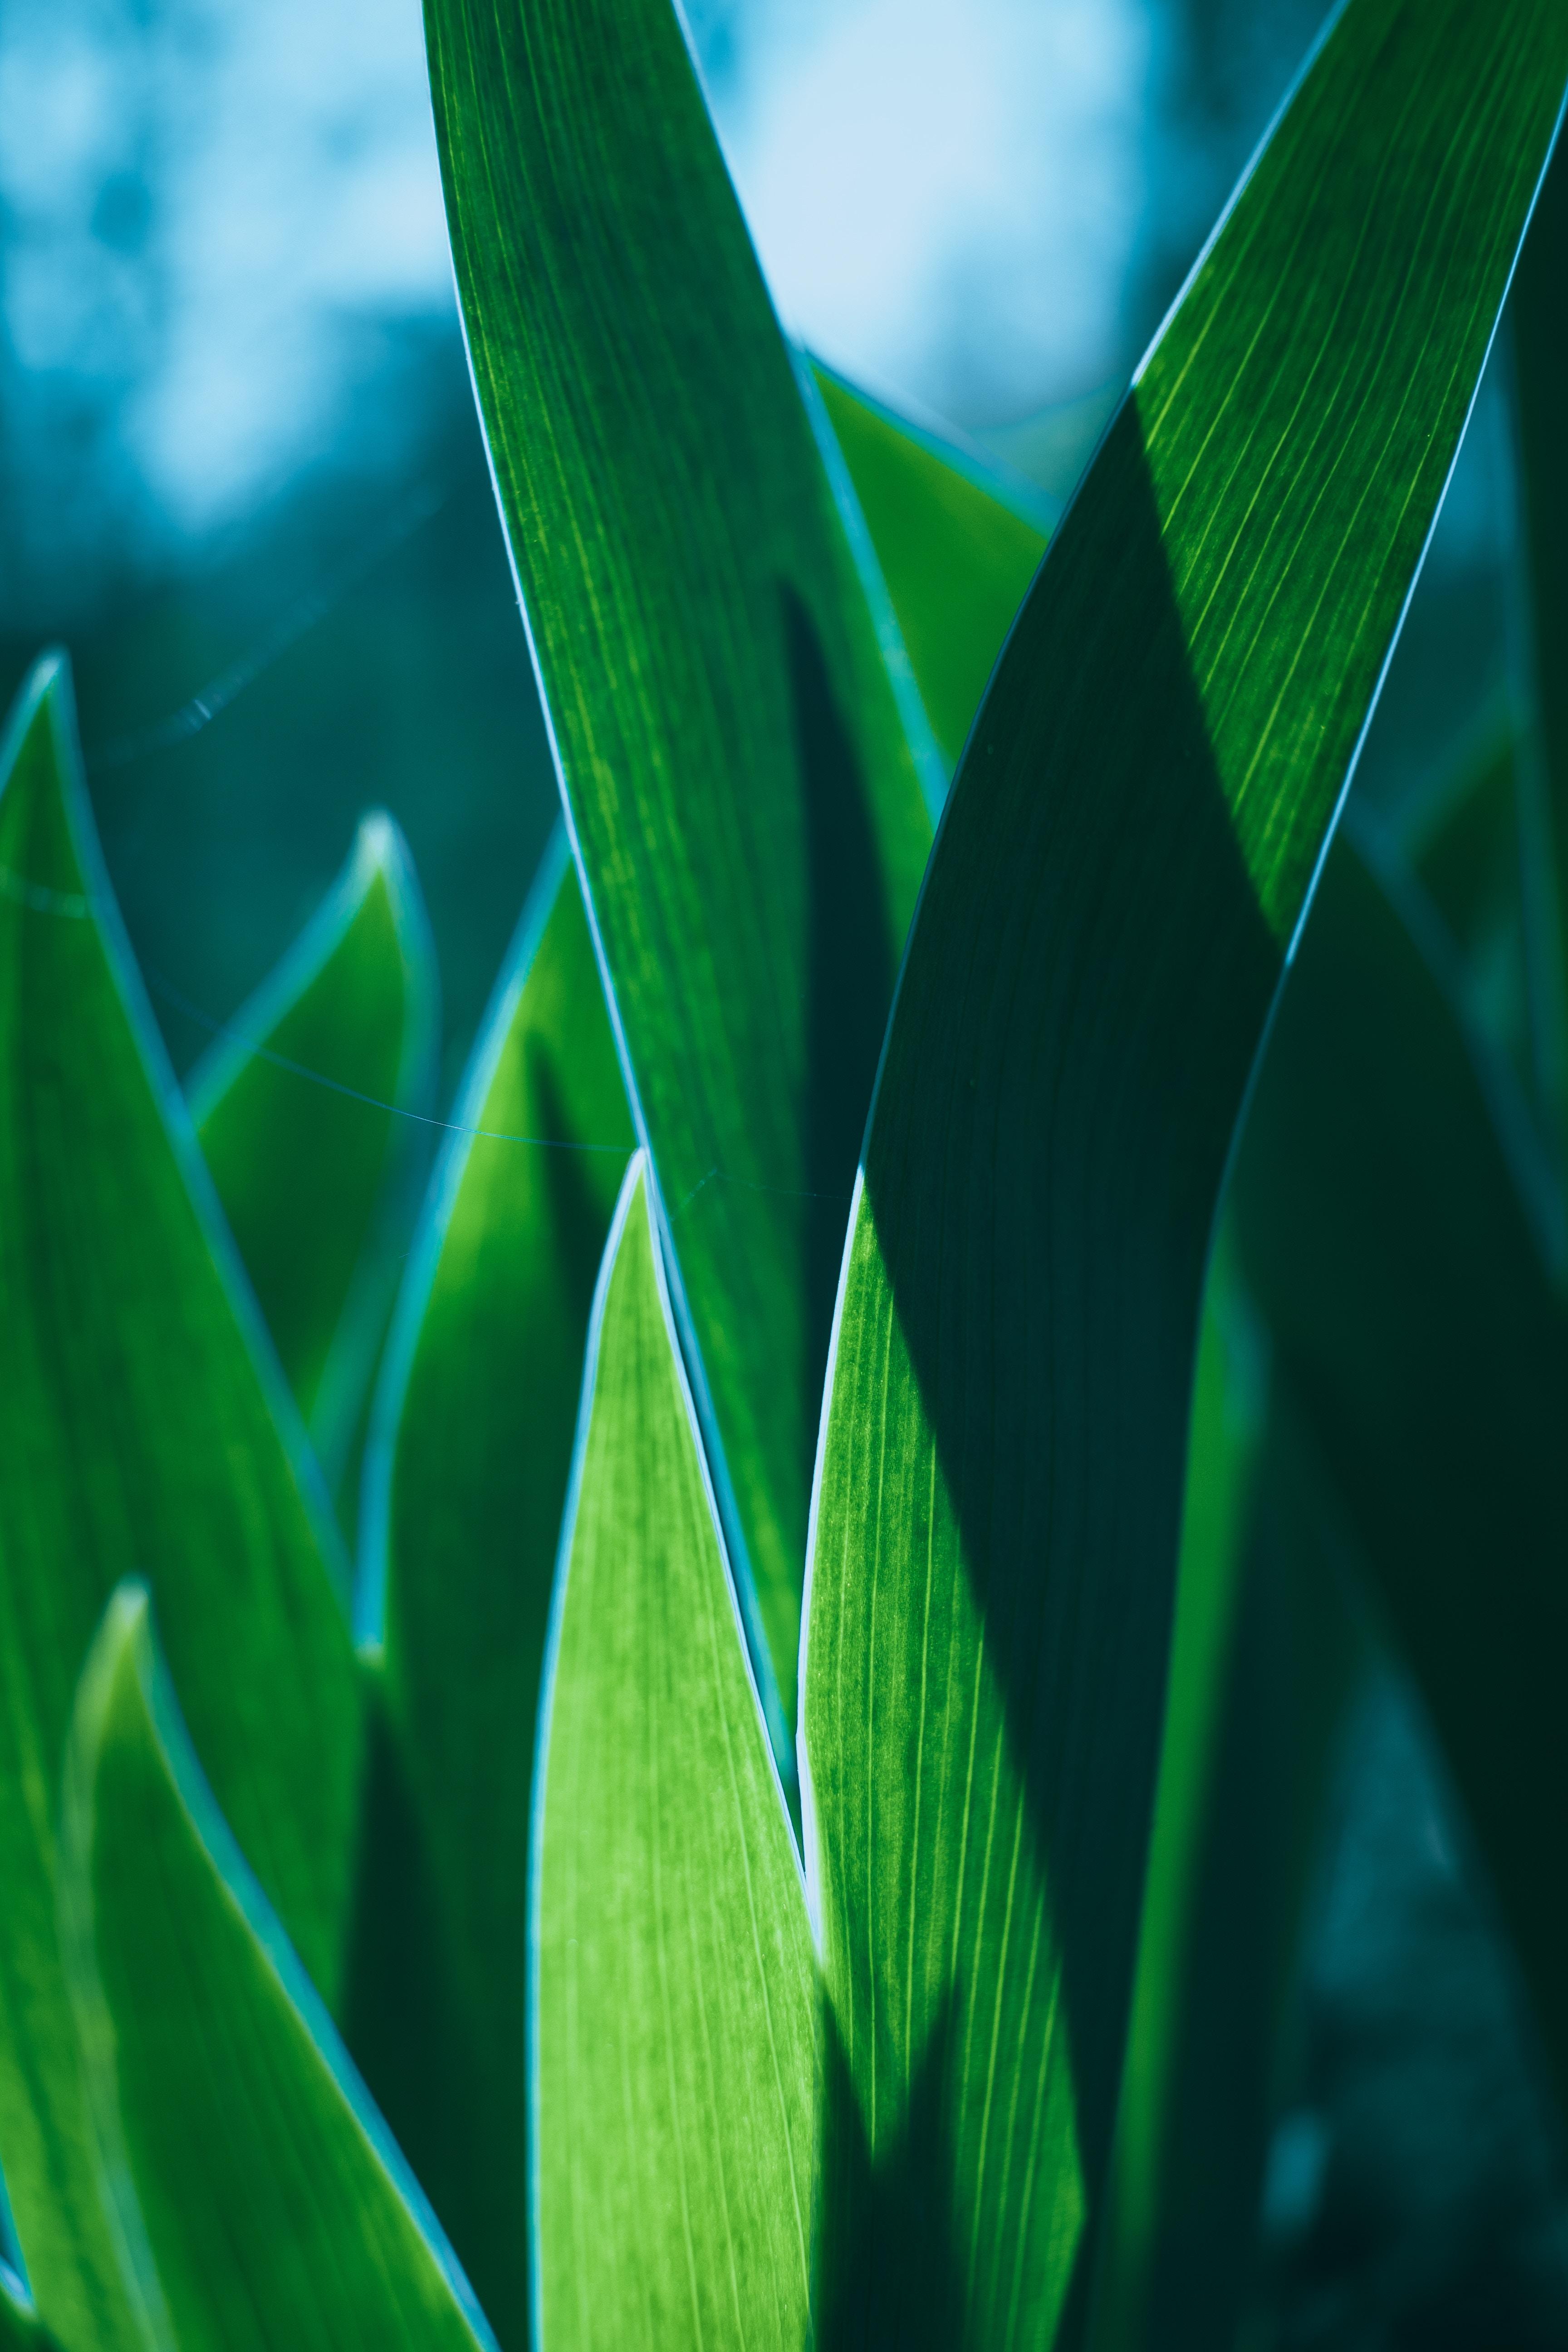 152971 скачать обои Макро, Листья, Растение, Зеленый, Крупный План - заставки и картинки бесплатно